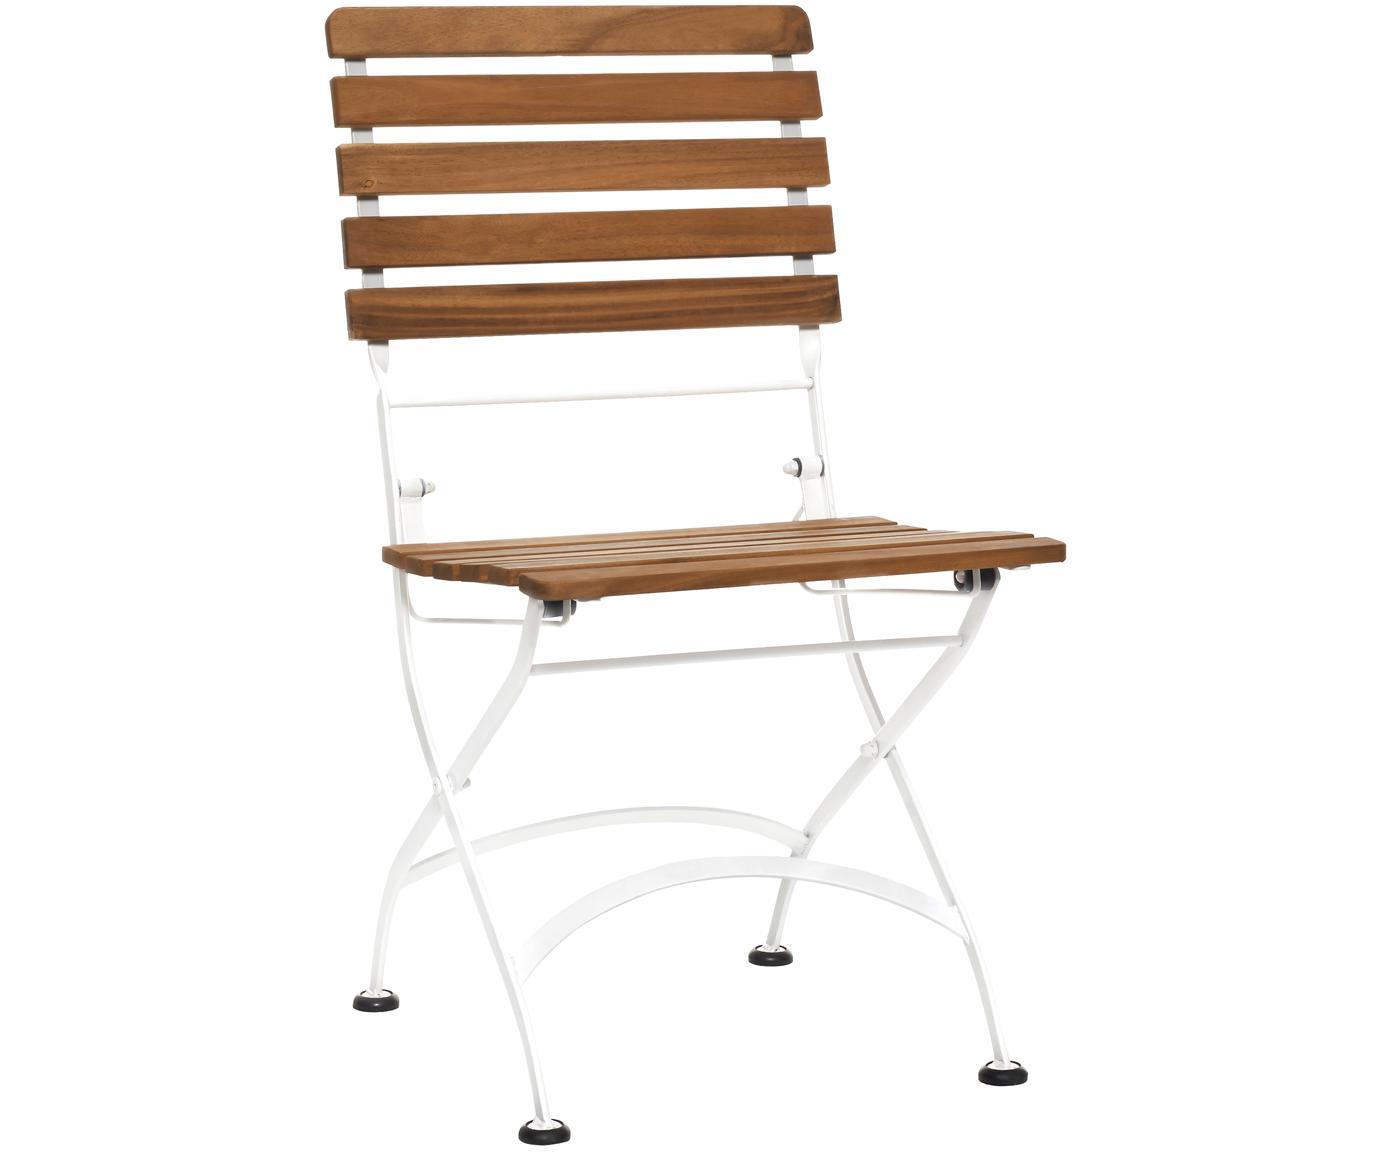 Krzesło składane Parklife, 2 szt., Stelaż: metal ocynkowany, malowan, Biały, drewno akacjowe, S 47 x G 59 cm